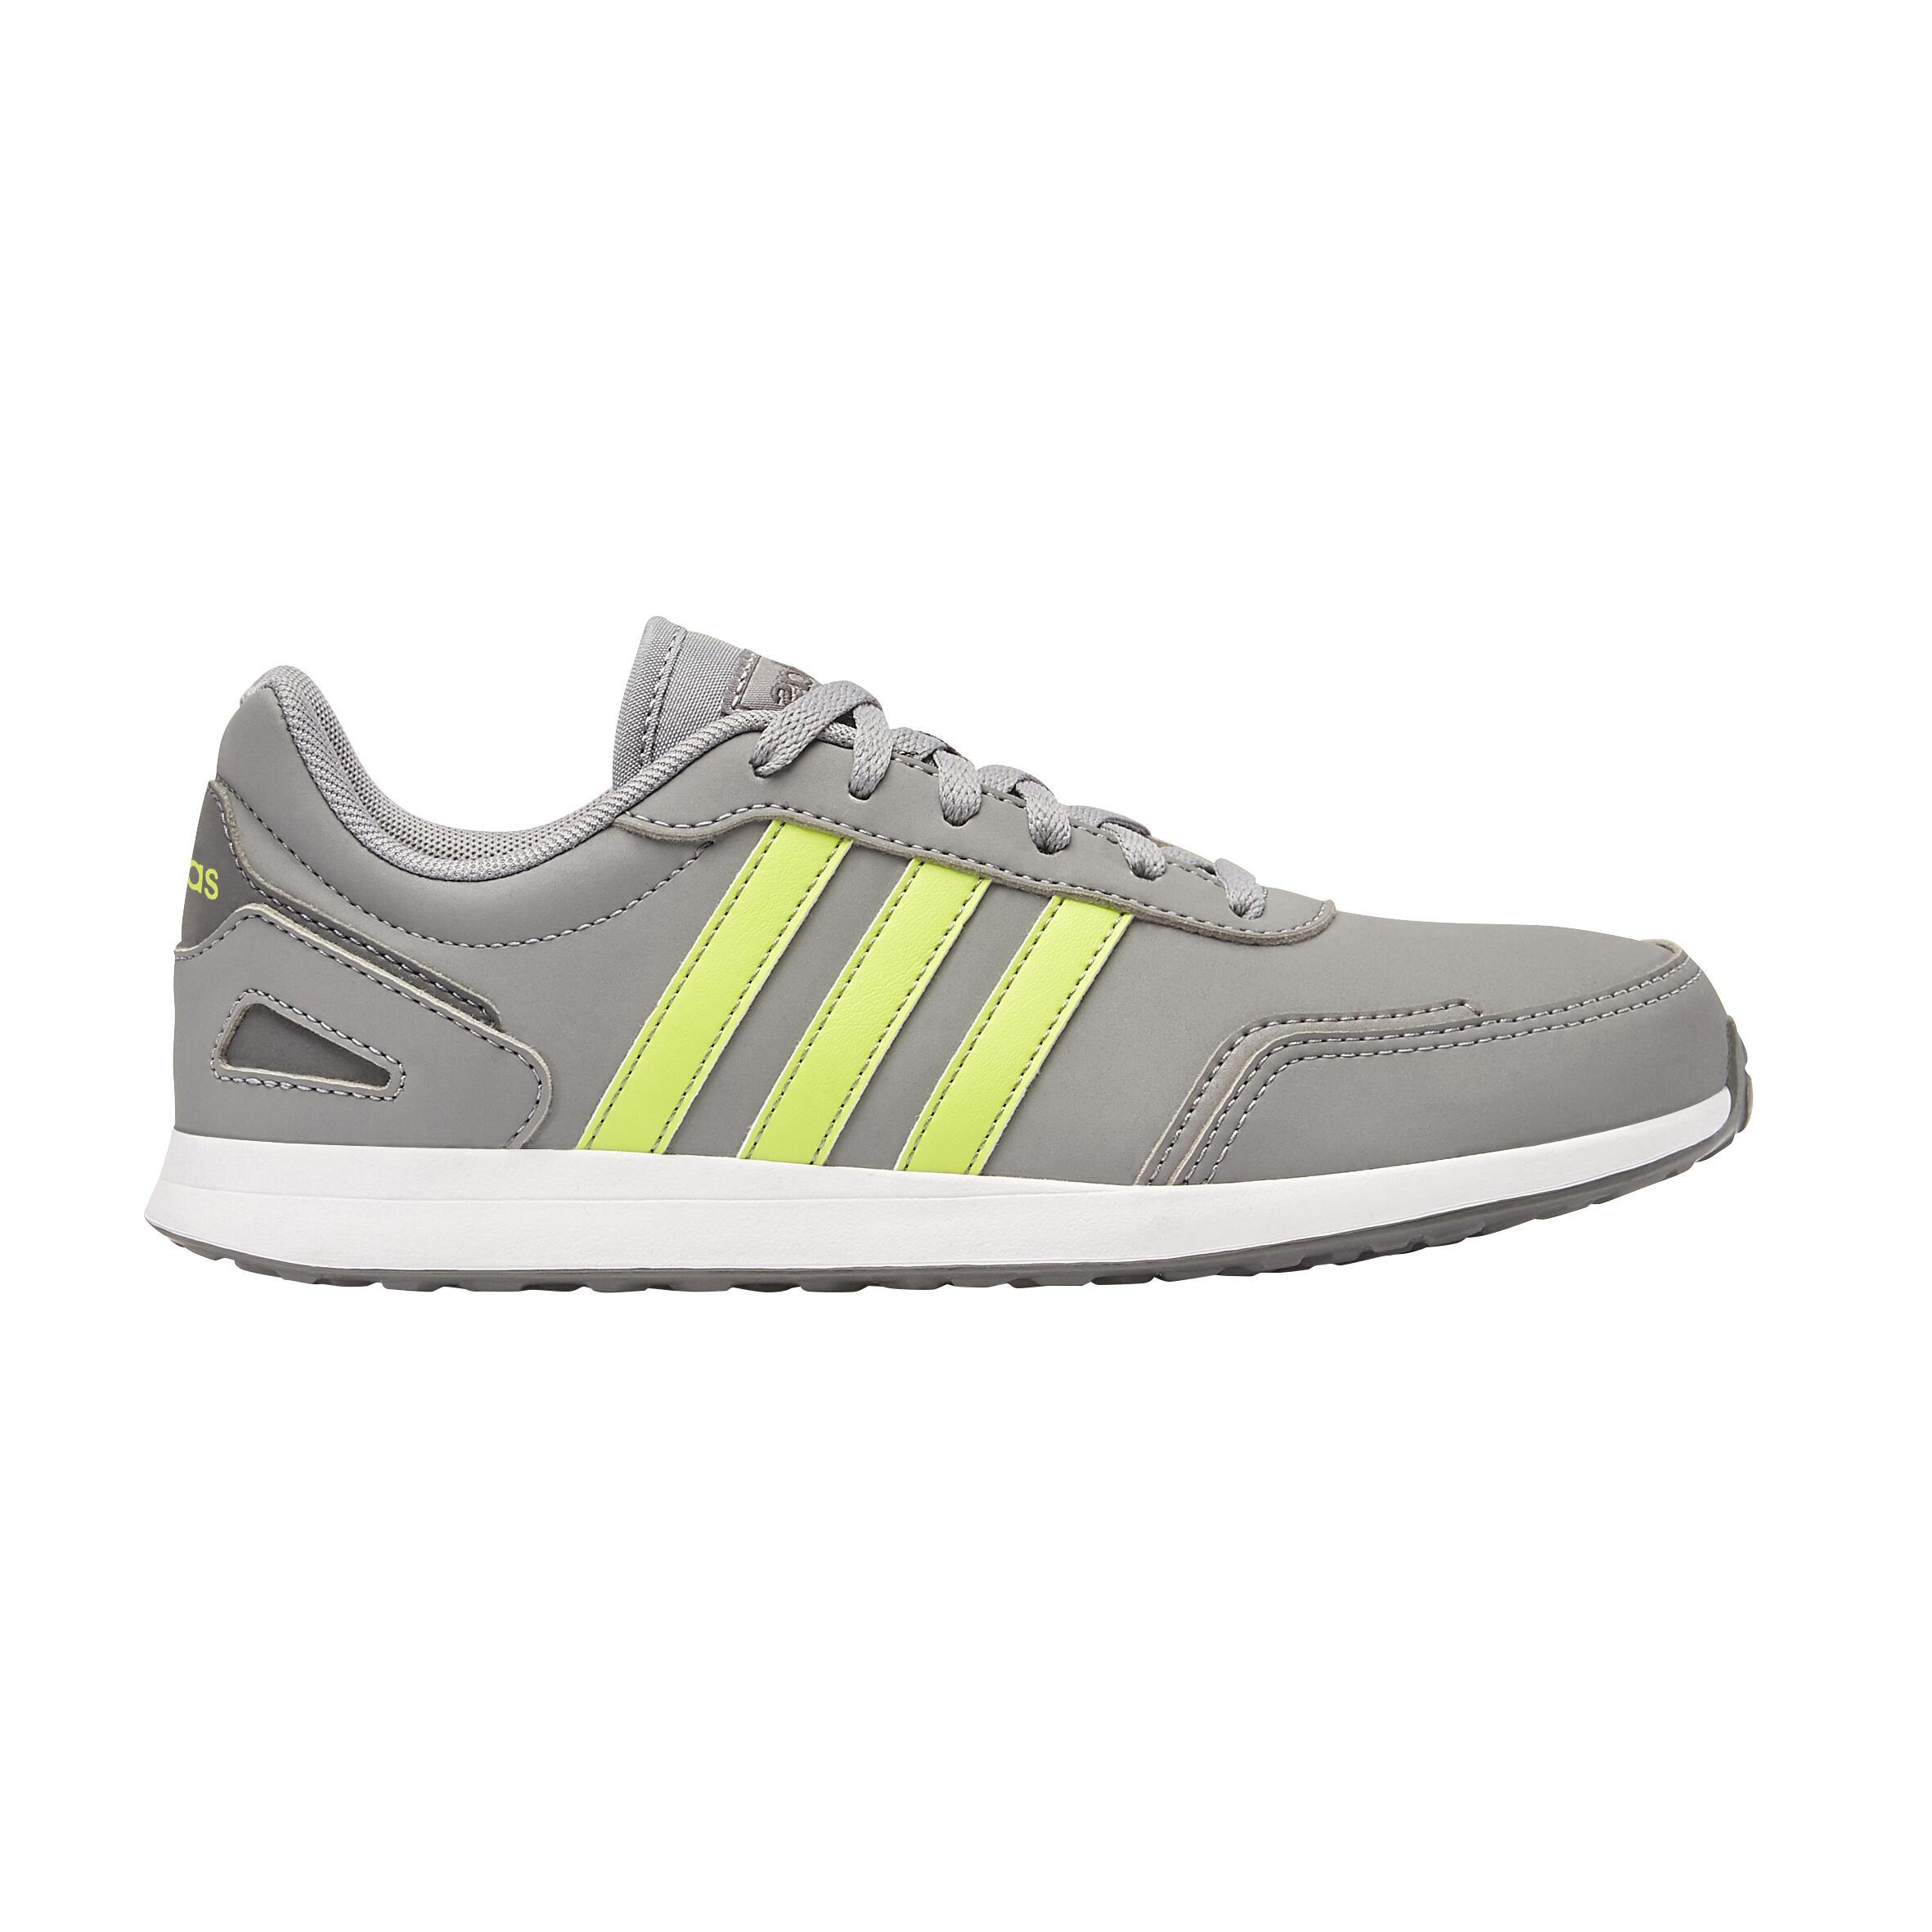 Încălţăminte Adidas Switch